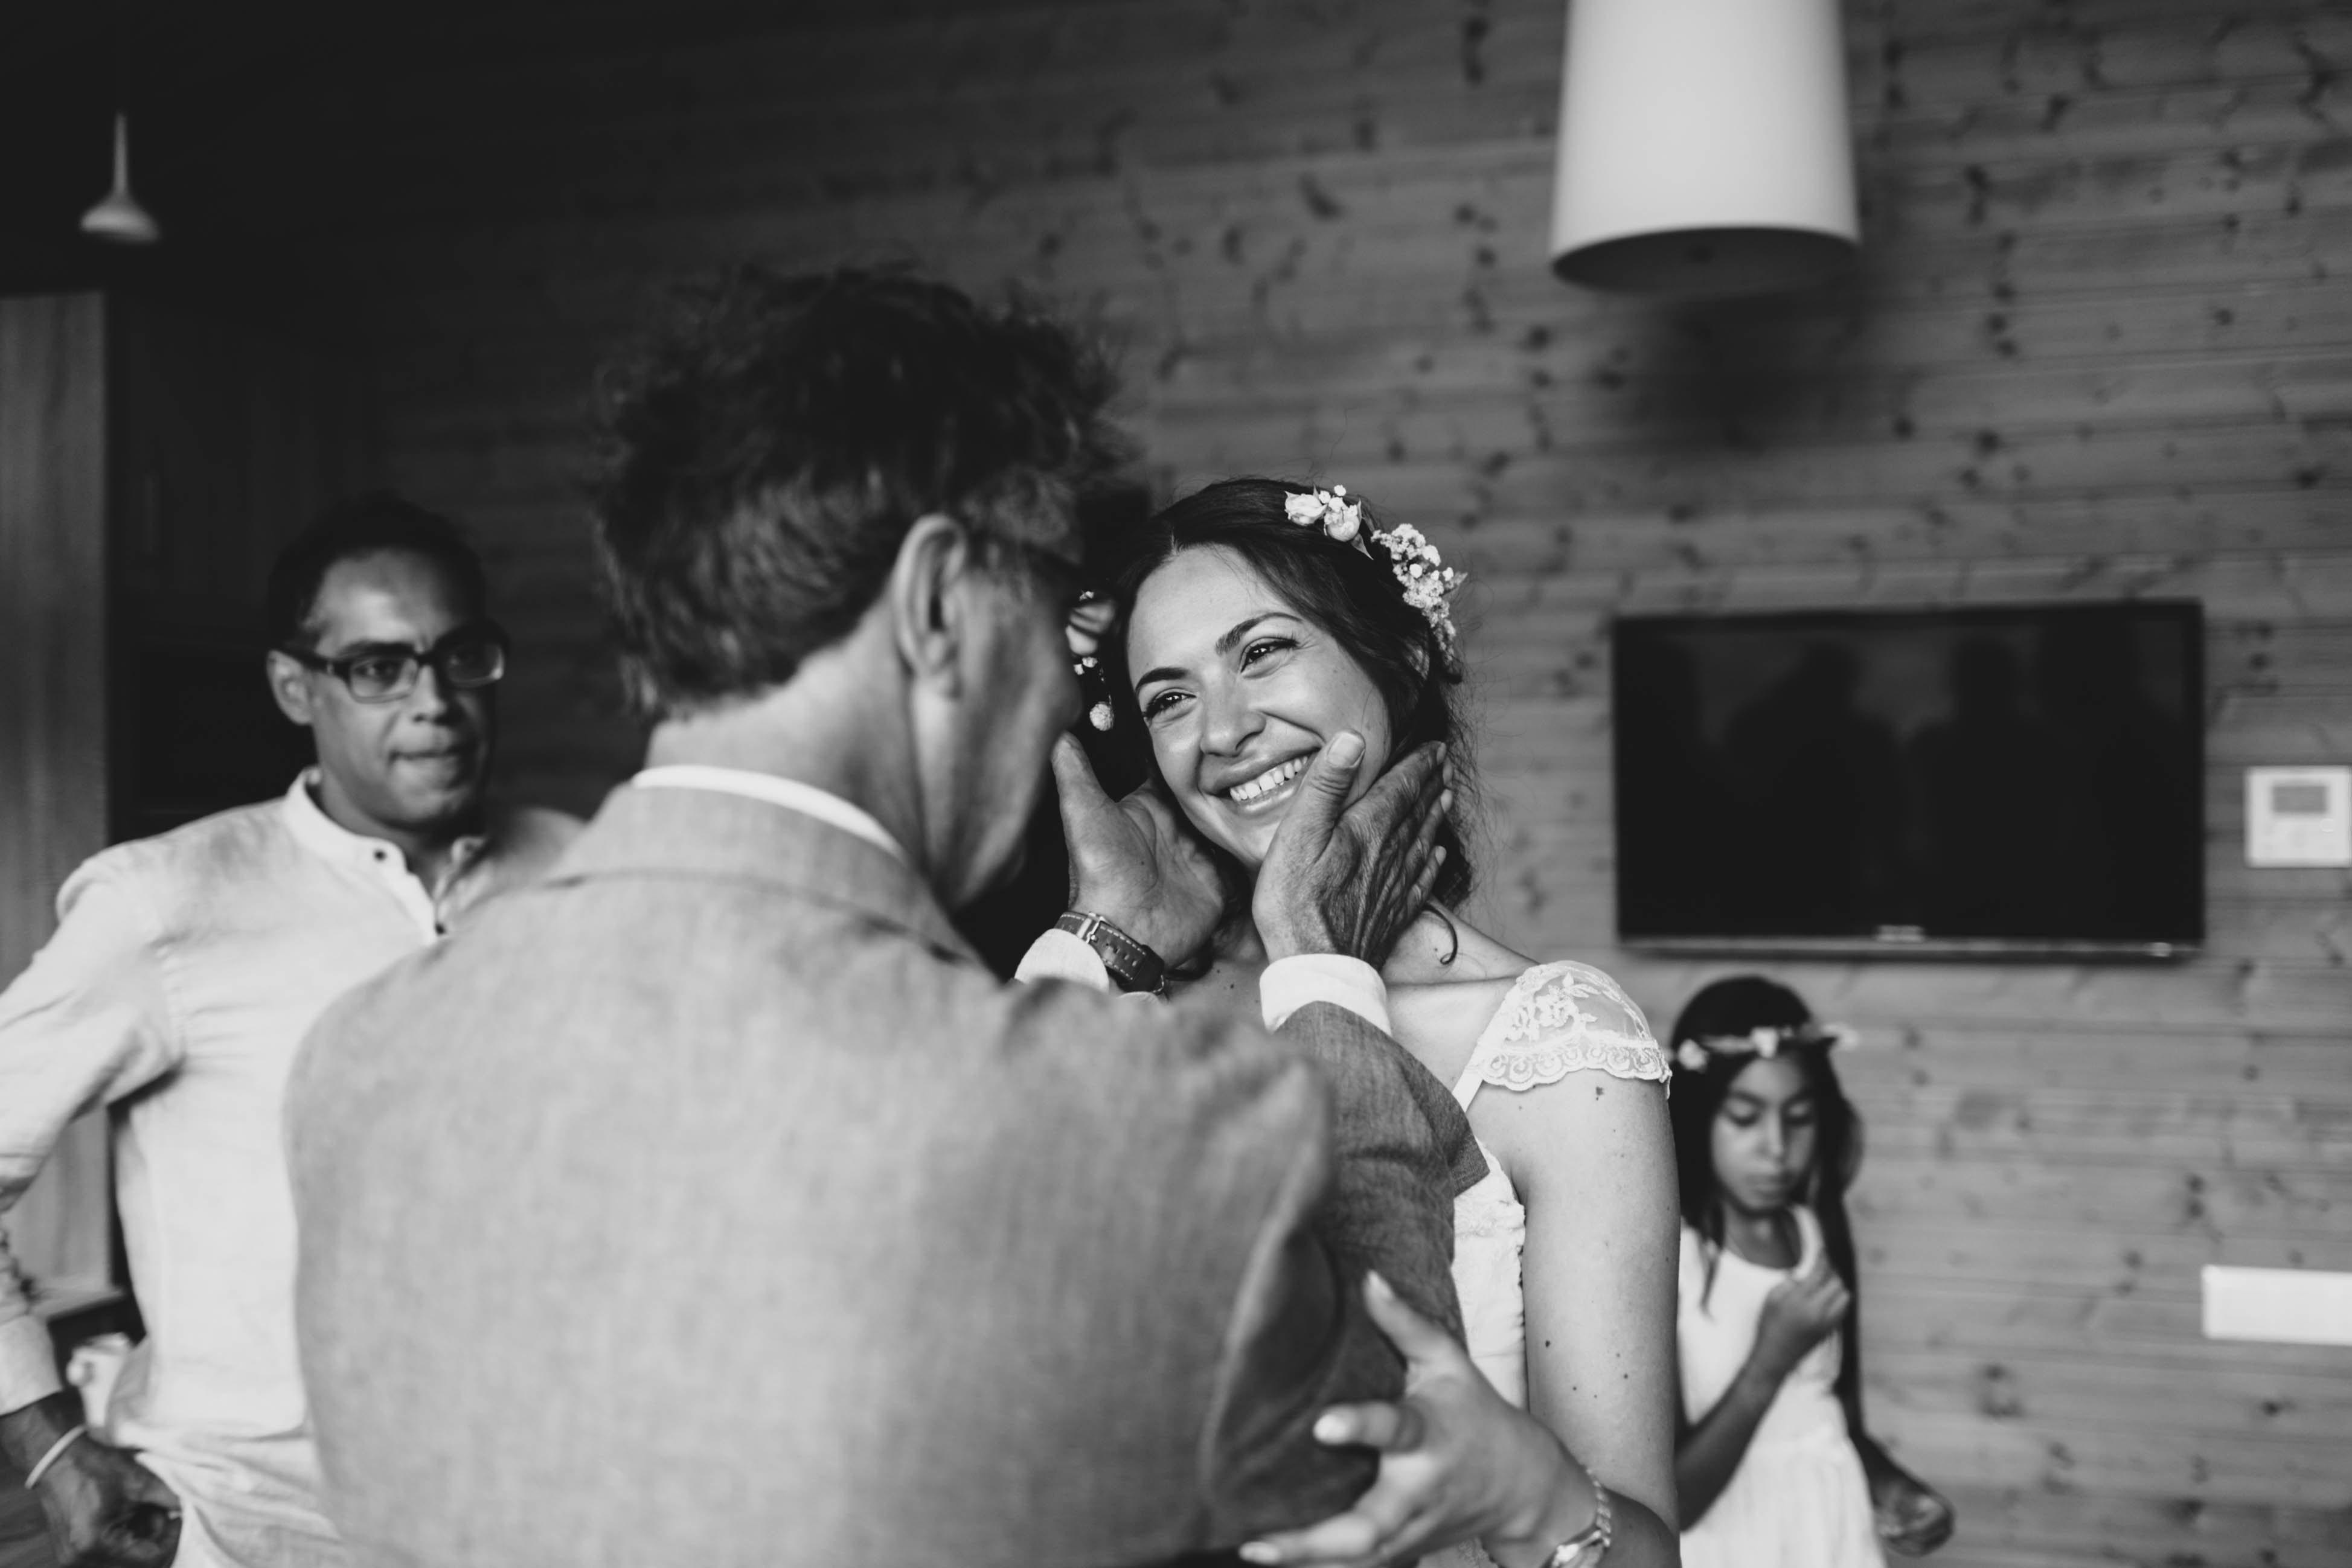 Fotografo+de+bodas+barcelona+girona+cala llevado+beach wedding_046